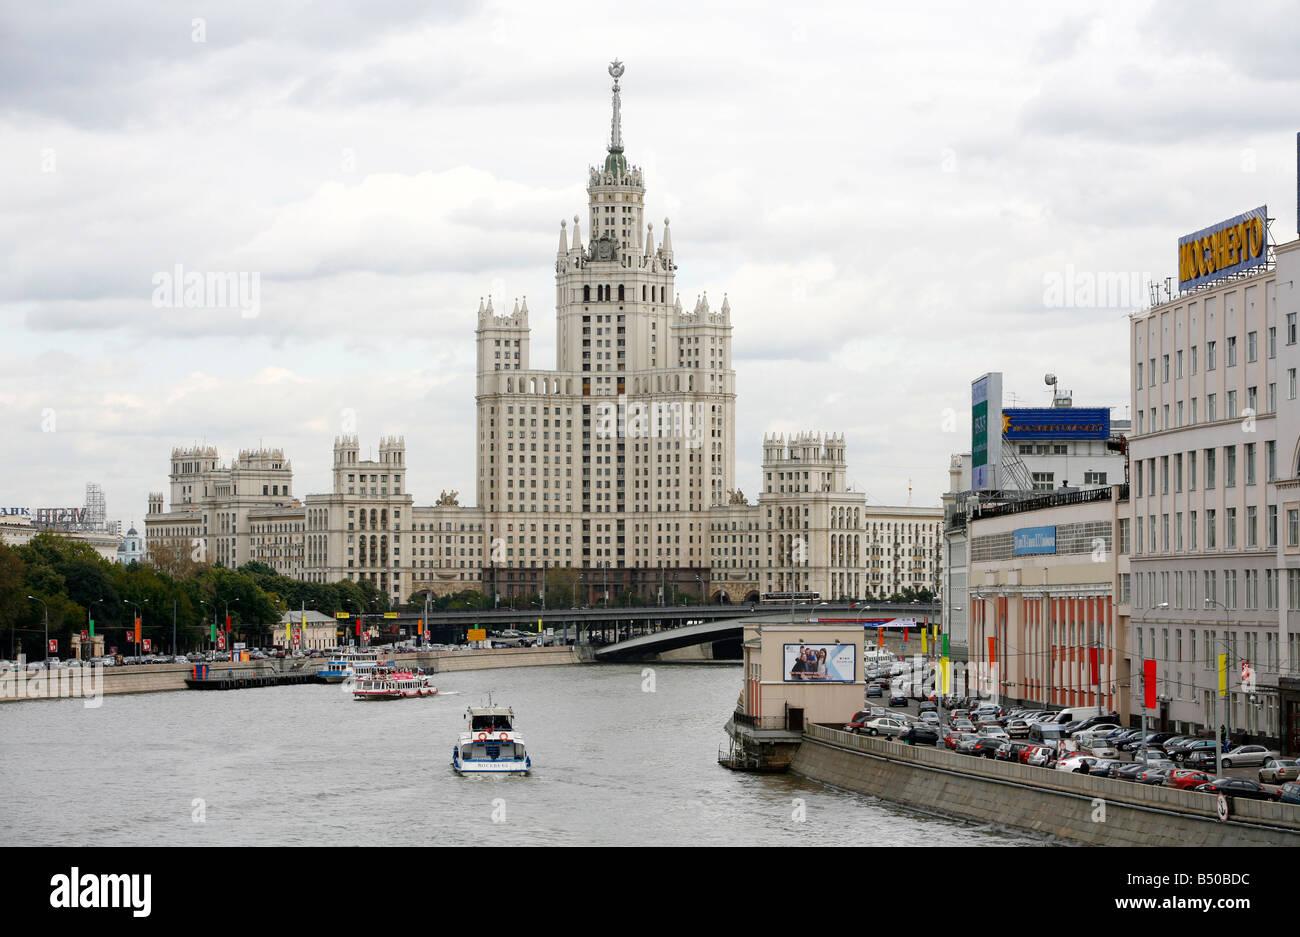 Bâtiment de l'époque de Staline au remblai Kotelnicheskaya l'un des sept Sœurs qui sont sept gratte-ciel staliniens Moscou Russie Banque D'Images